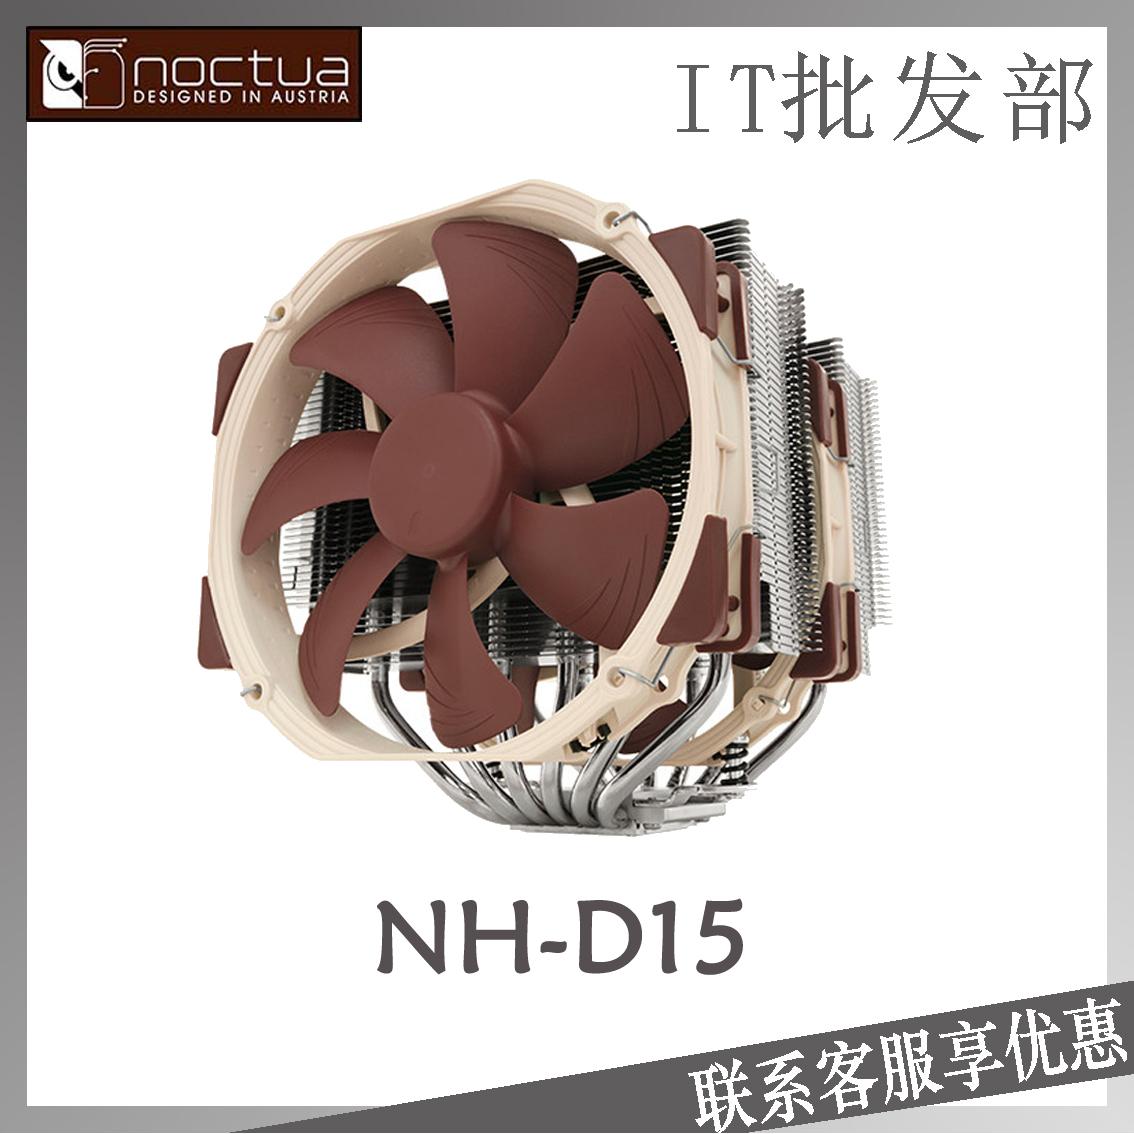 猫头鹰 NH-D15 多平台CPU散热器115X 2011 AM4平台双风扇